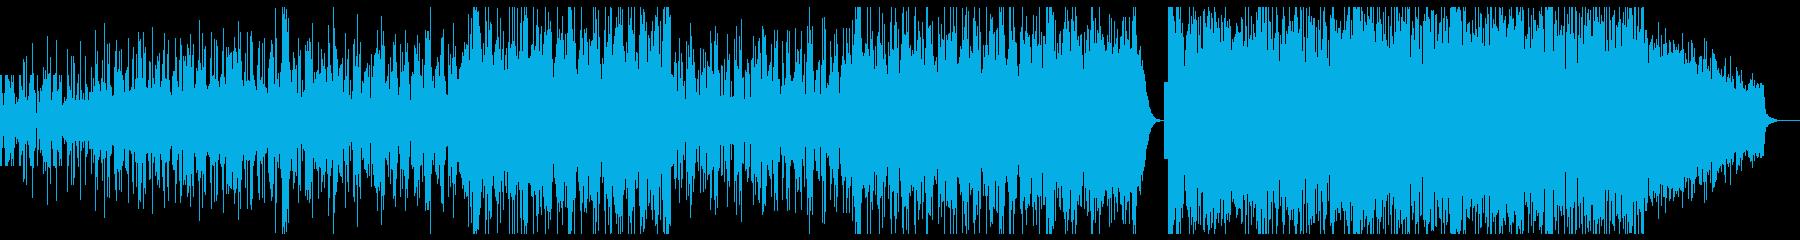 和をベースにしたヒーリングミュージックの再生済みの波形